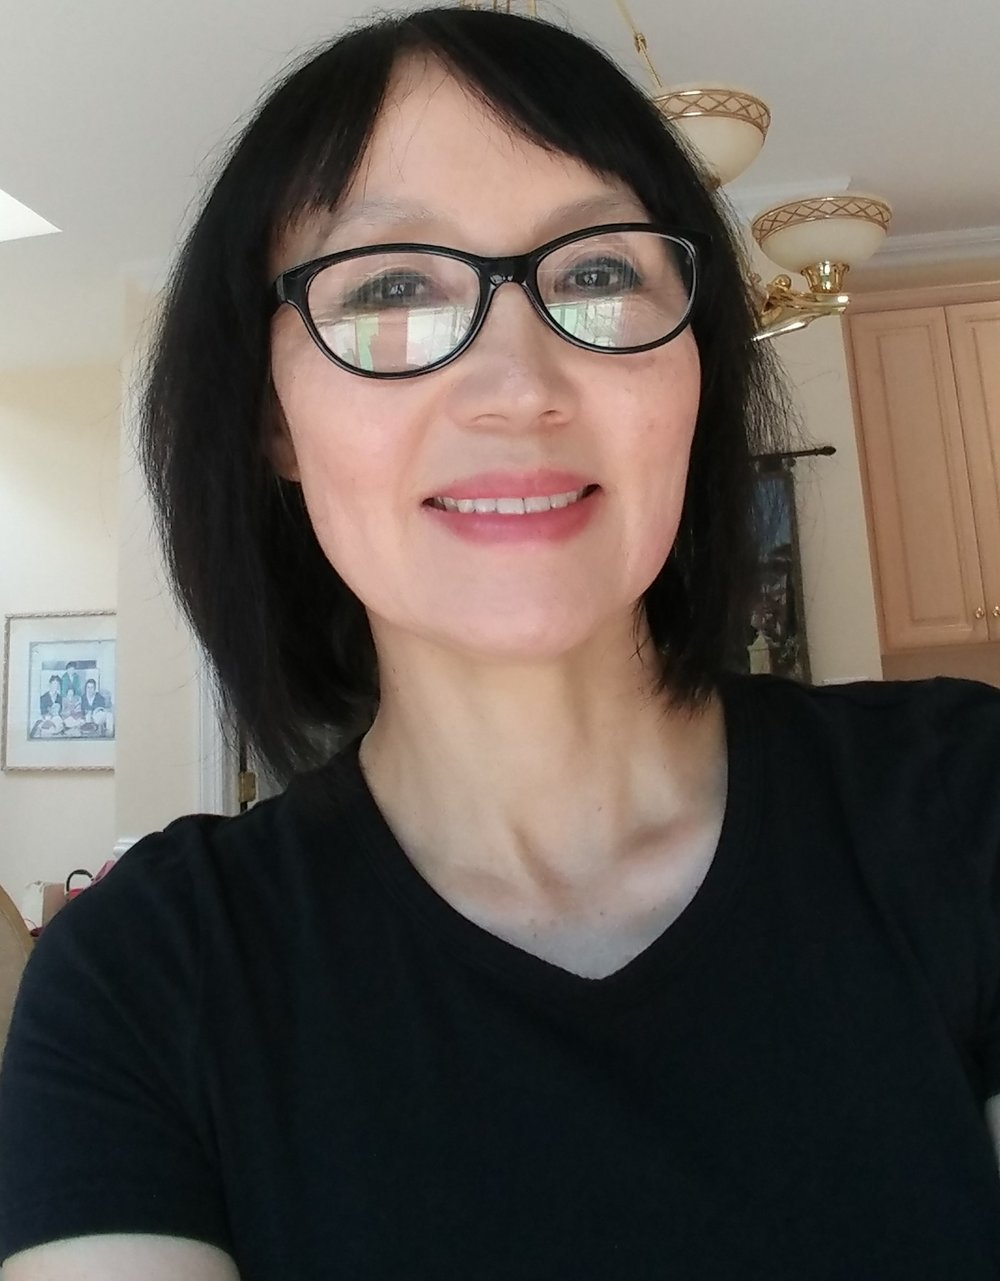 Mrs. Ahne Profile Picture